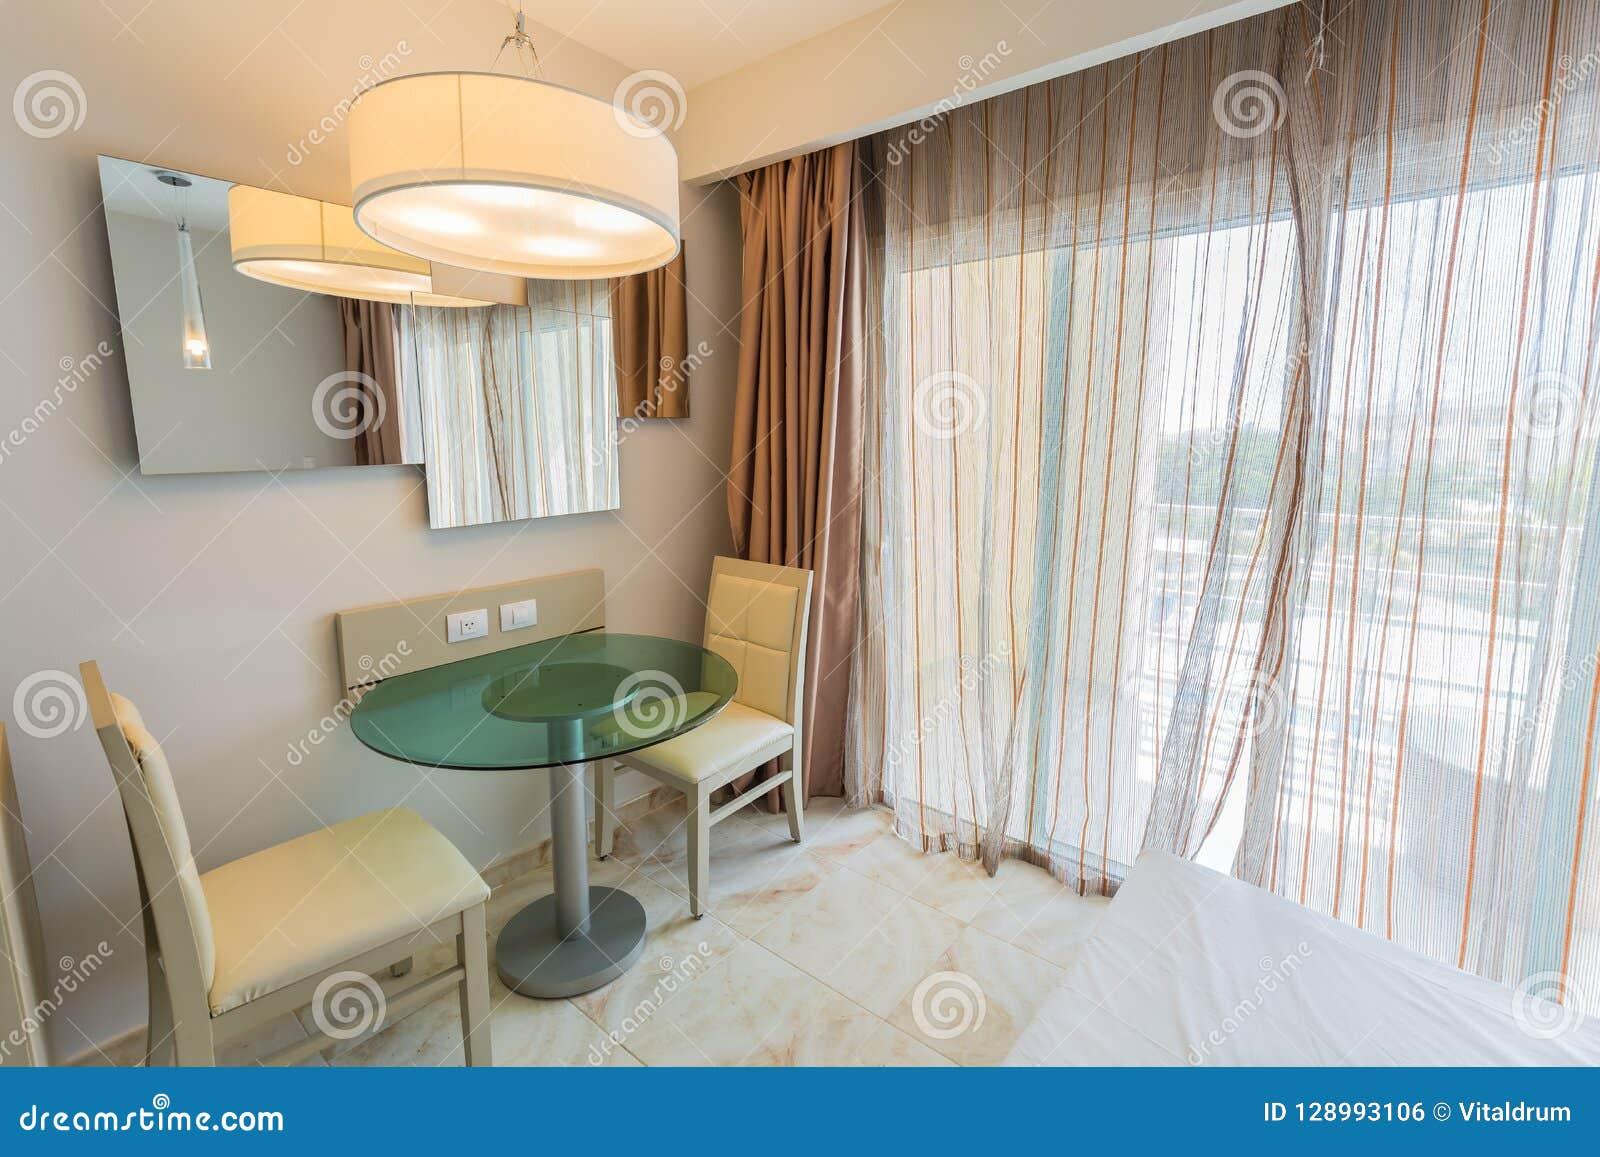 Área de servicio de portero de la familia, interior cómodo acogedor, asombroso hermoso de la habitación